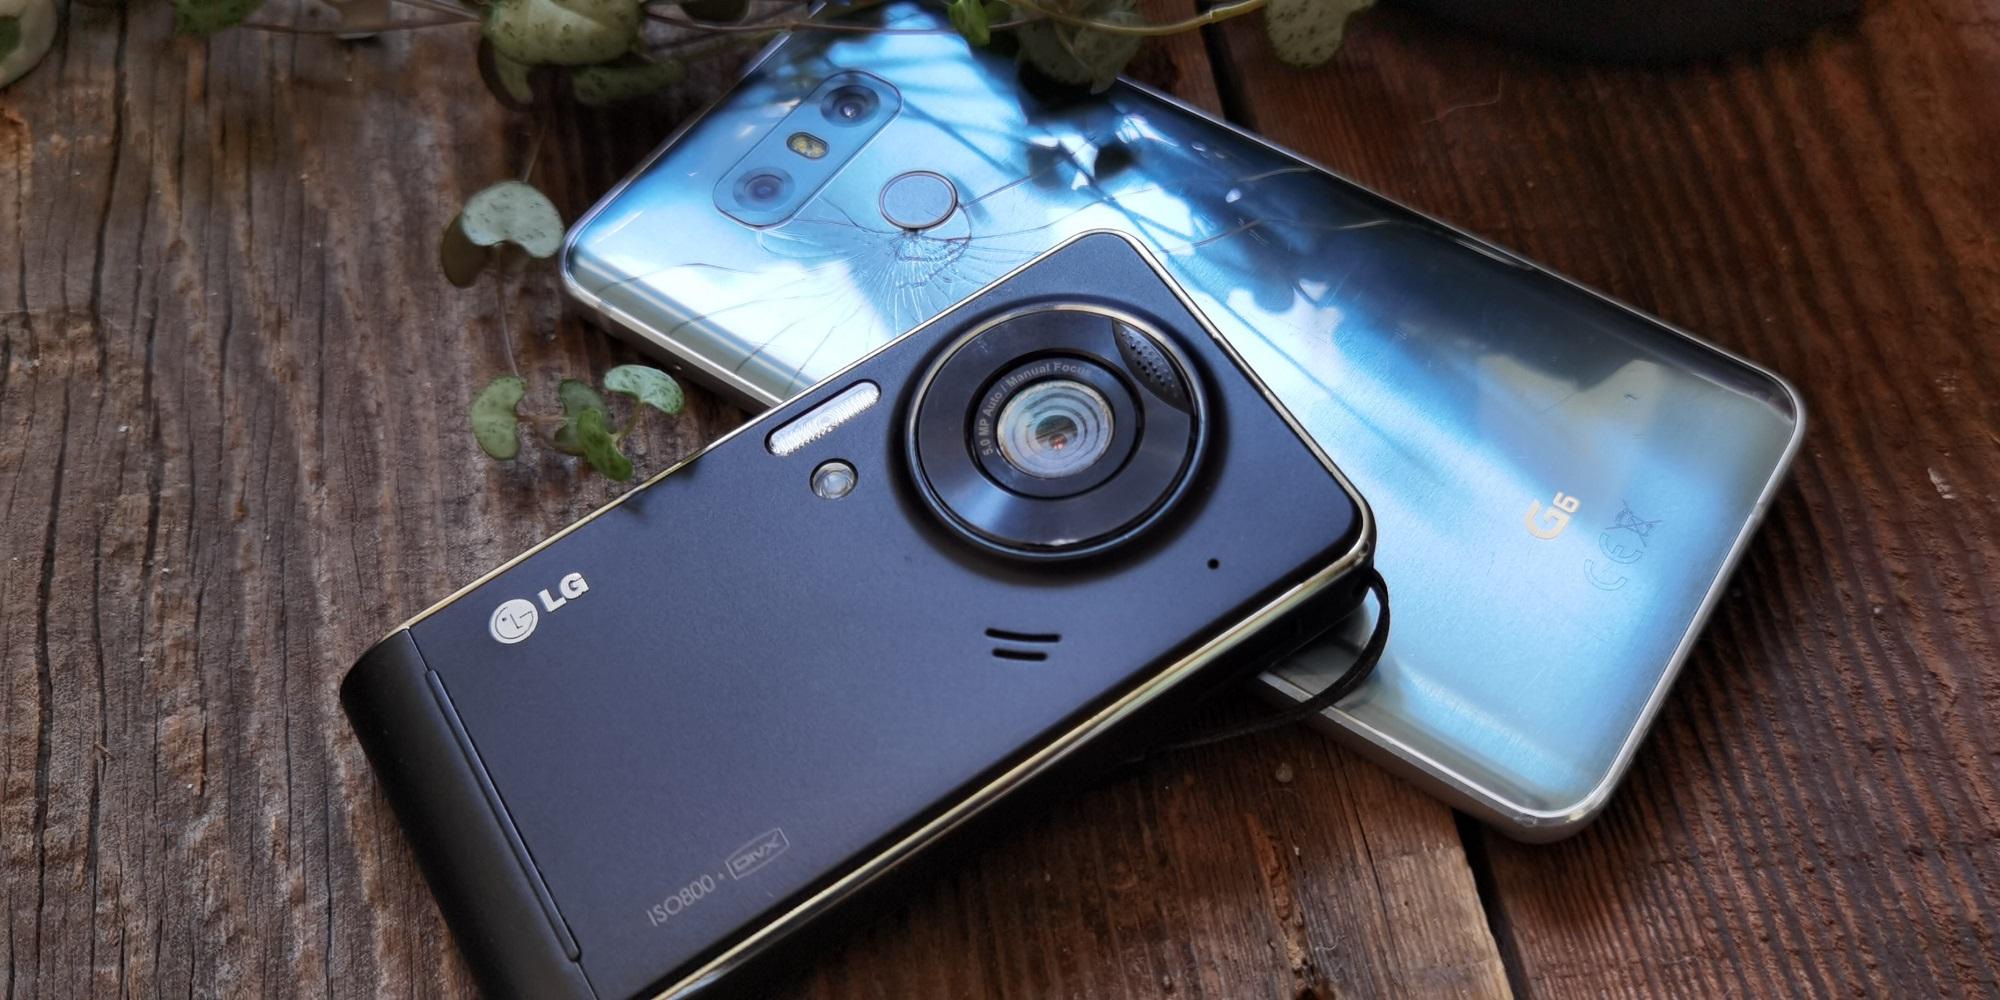 Żegnaj, LG. Doświadczony innowator branży mobilnej nie podołał konkurencji ze strony młodszych rywali